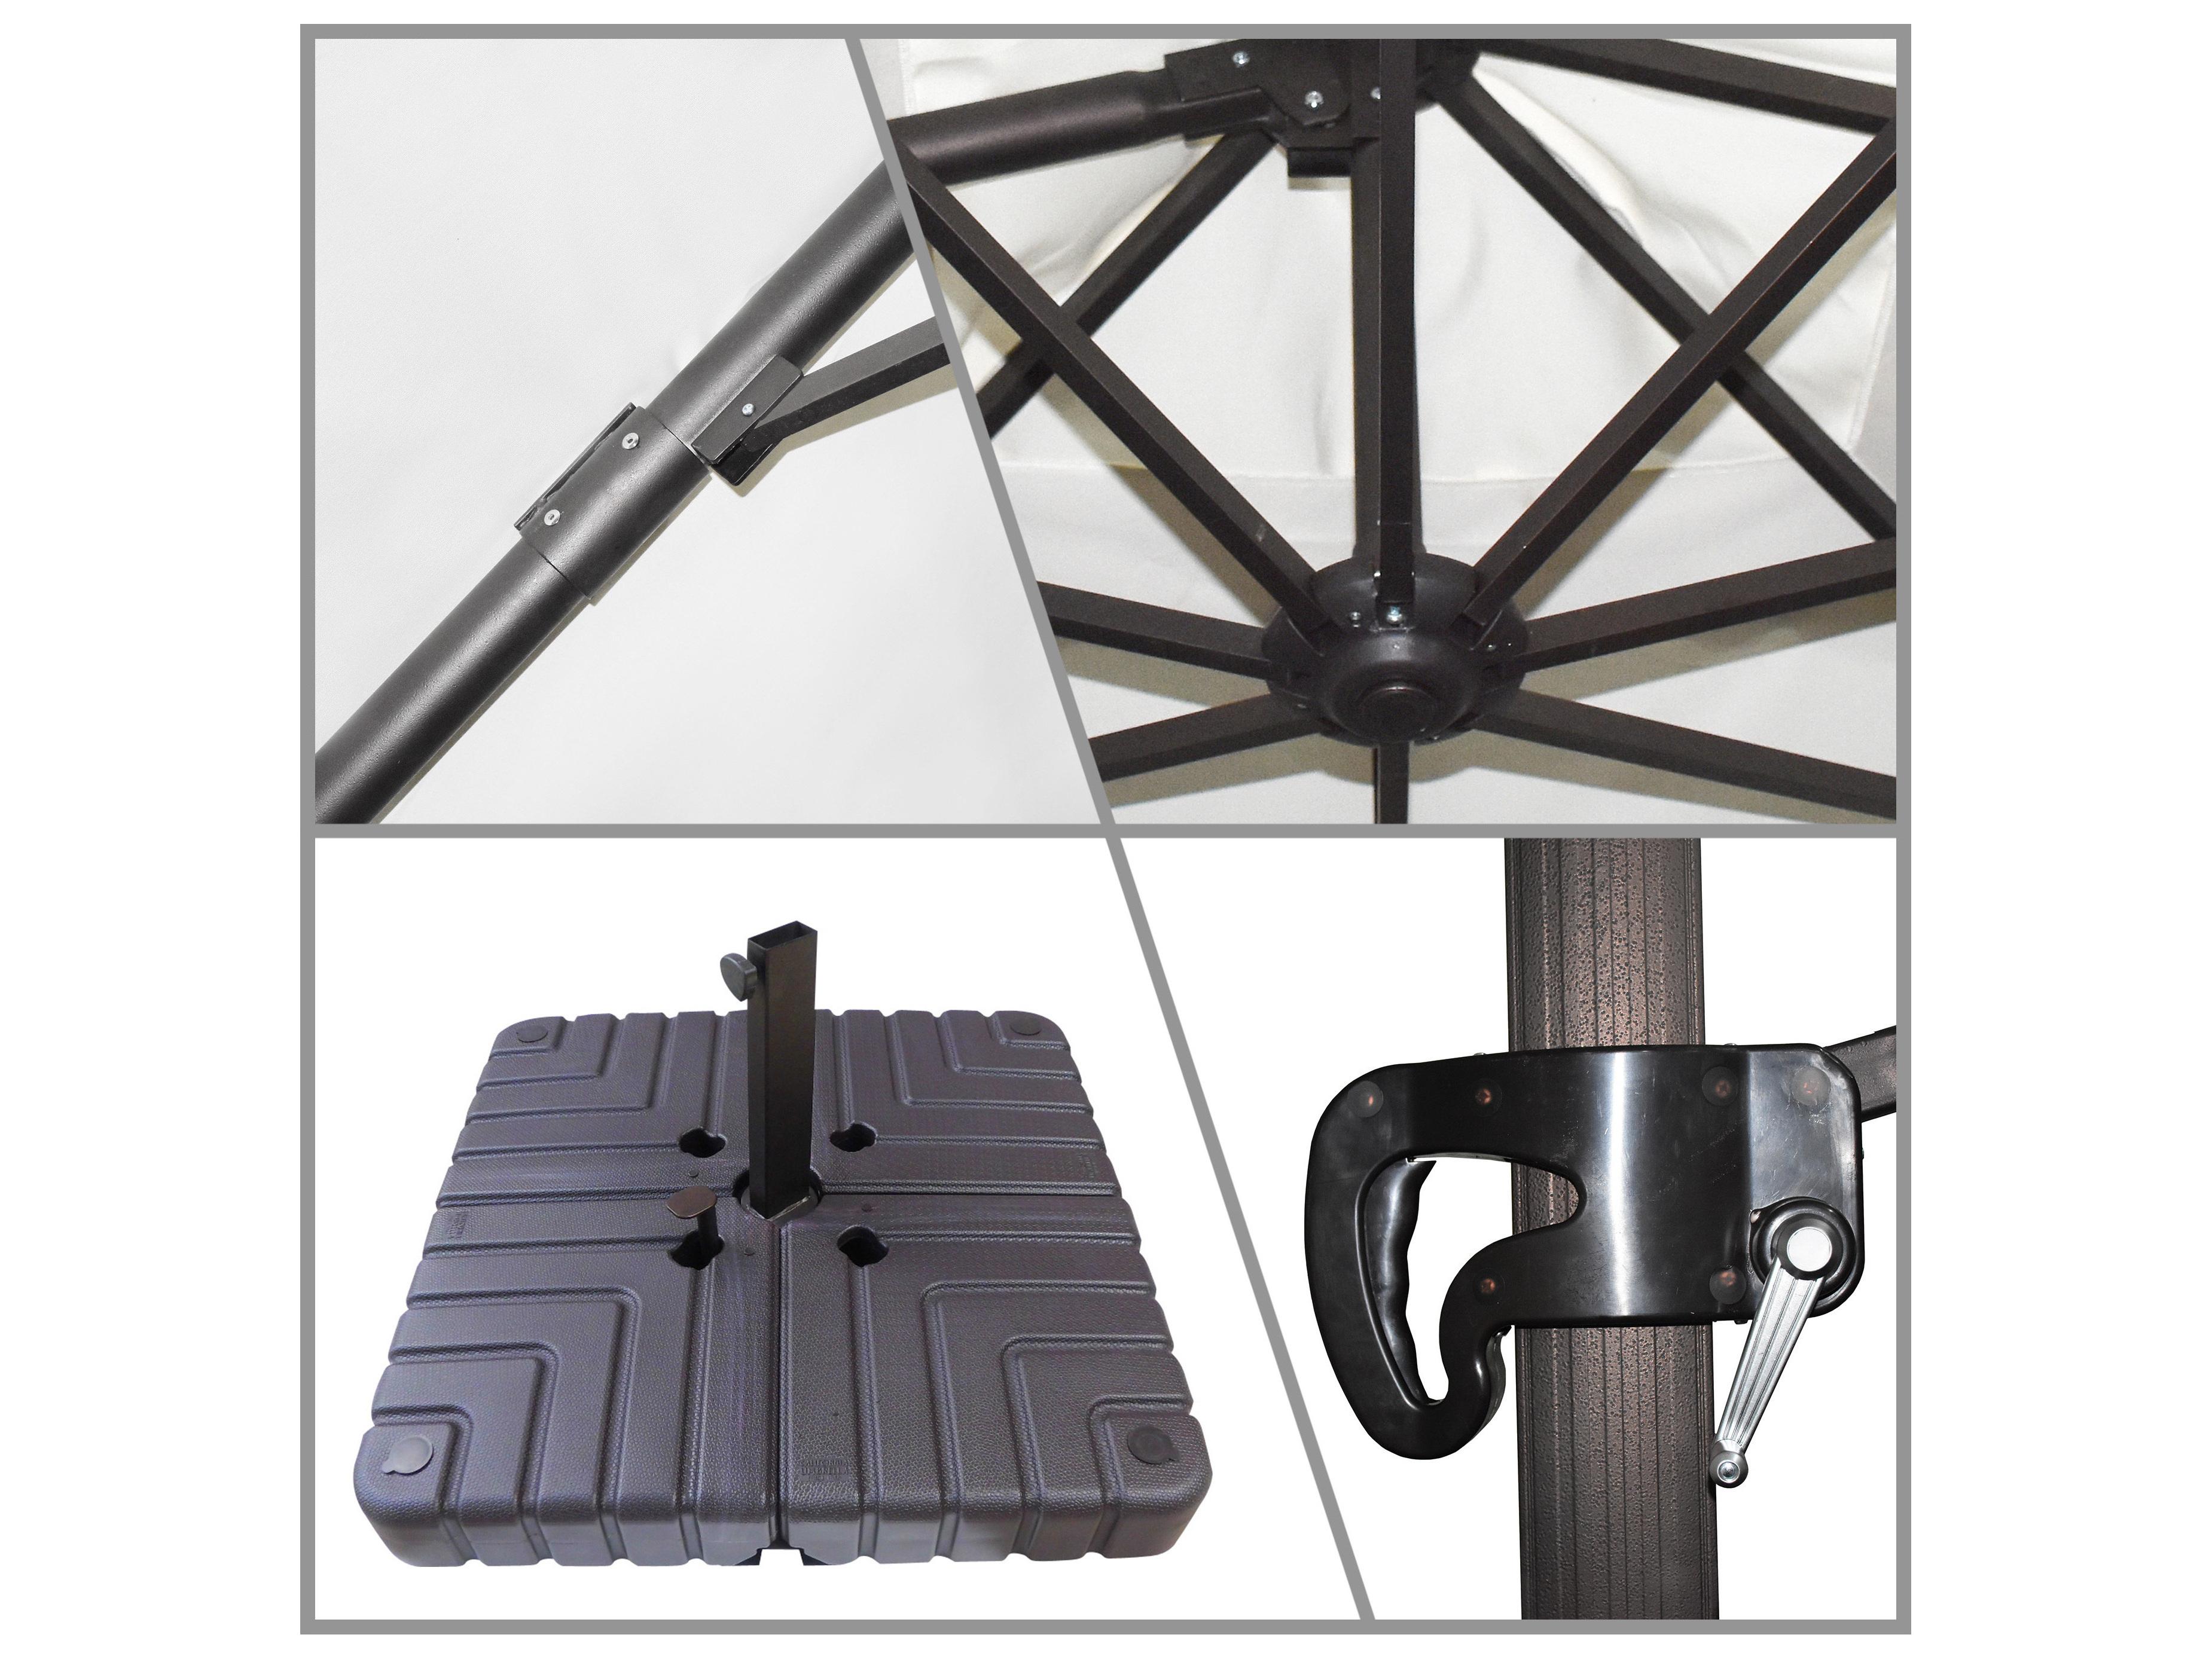 b40fa6781317 California Umbrella Cali Series 11 Foot Octagon Cantilever Aluminum  Umbrella with Crank Lift System